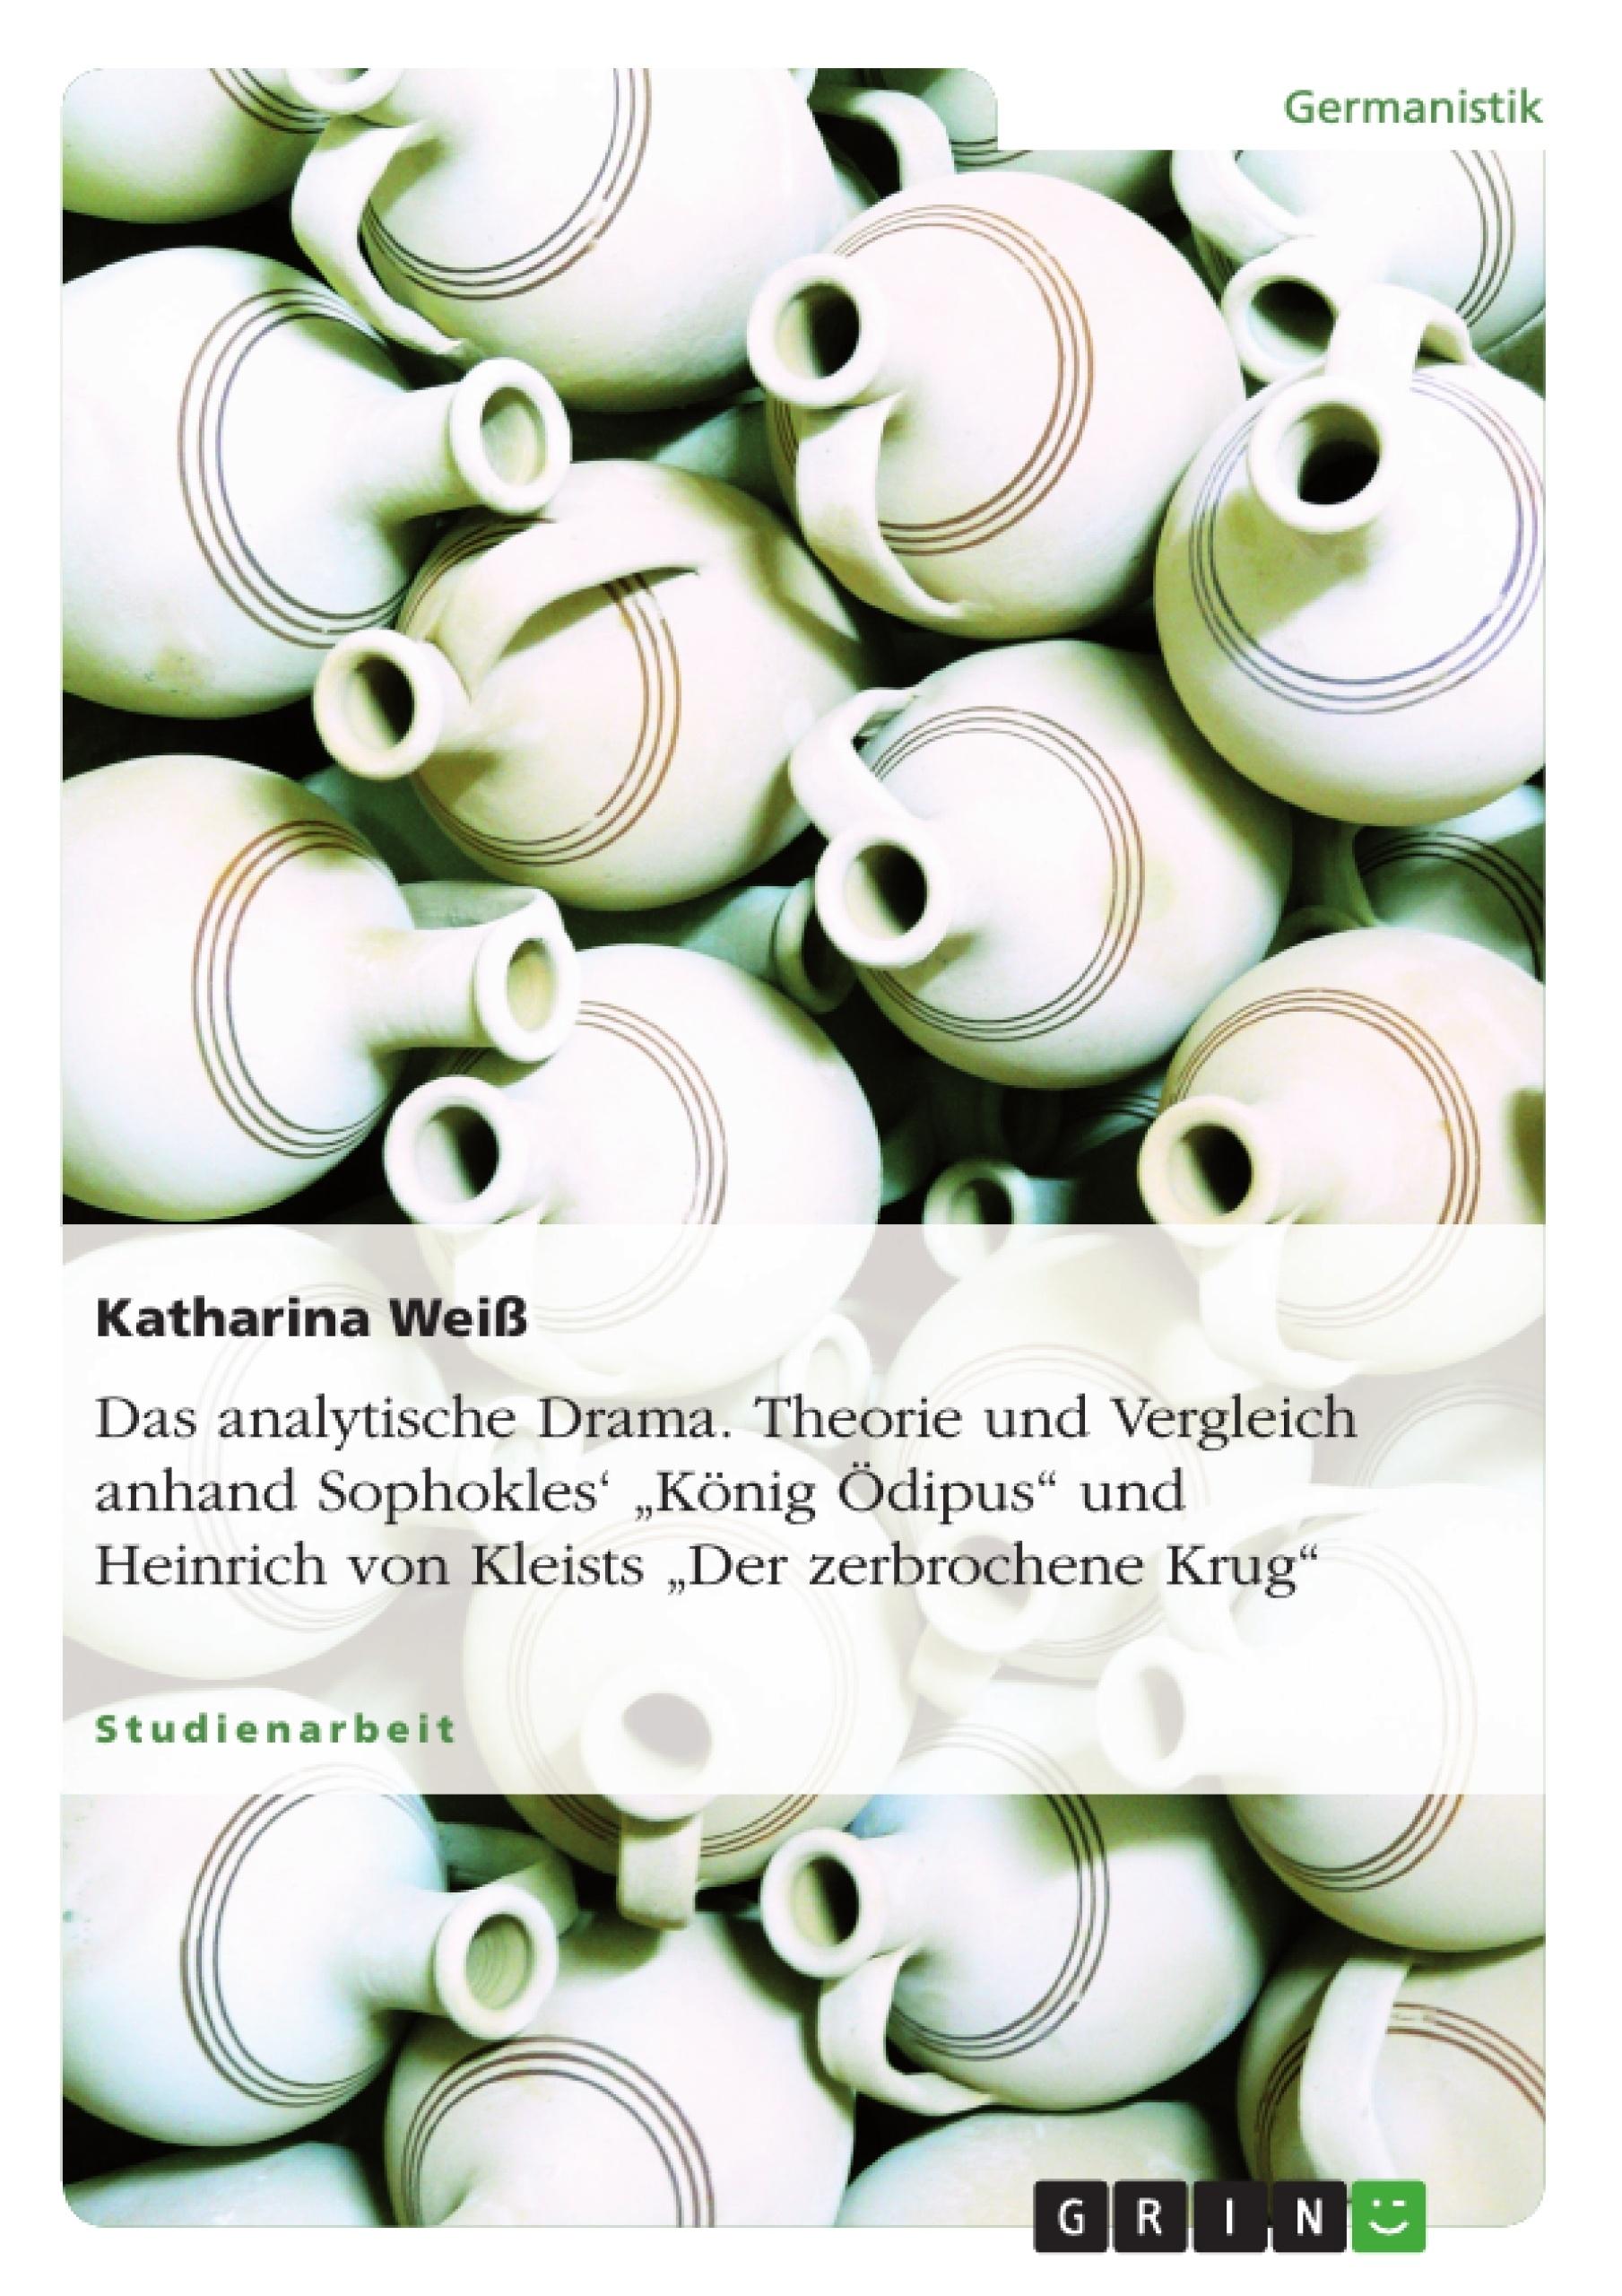 """Titel: Das analytische Drama. Theorie und Vergleich anhand Sophokles' """"König Ödipus"""" und Heinrich von Kleists """"Der zerbrochene Krug"""""""